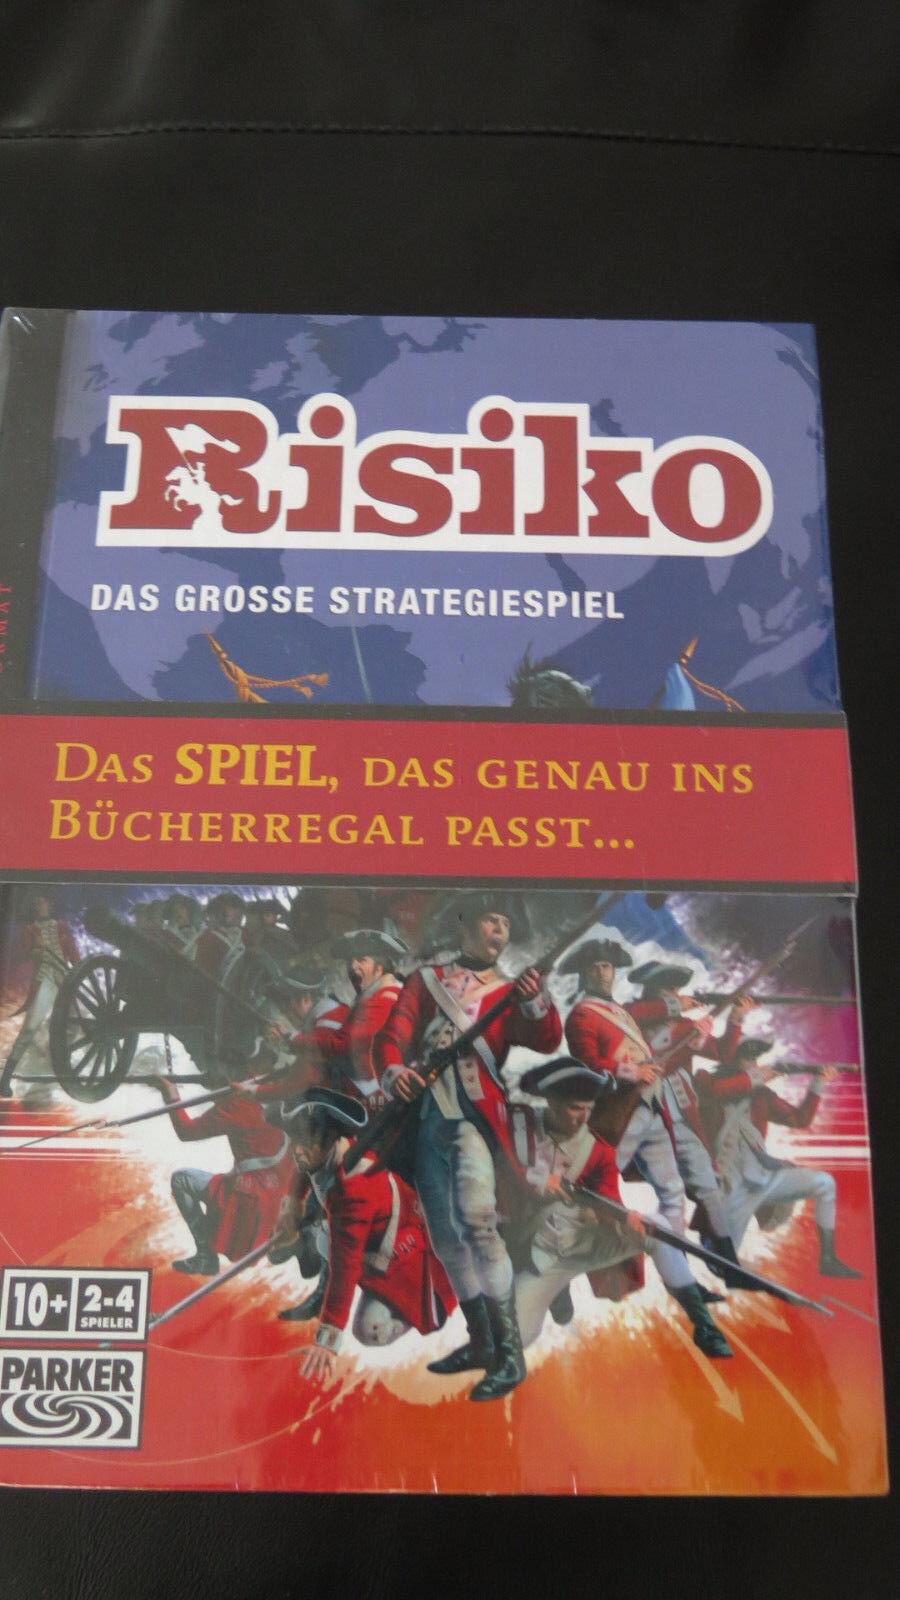 Parker - RISIKO im Buchformat – Neu & in Folie